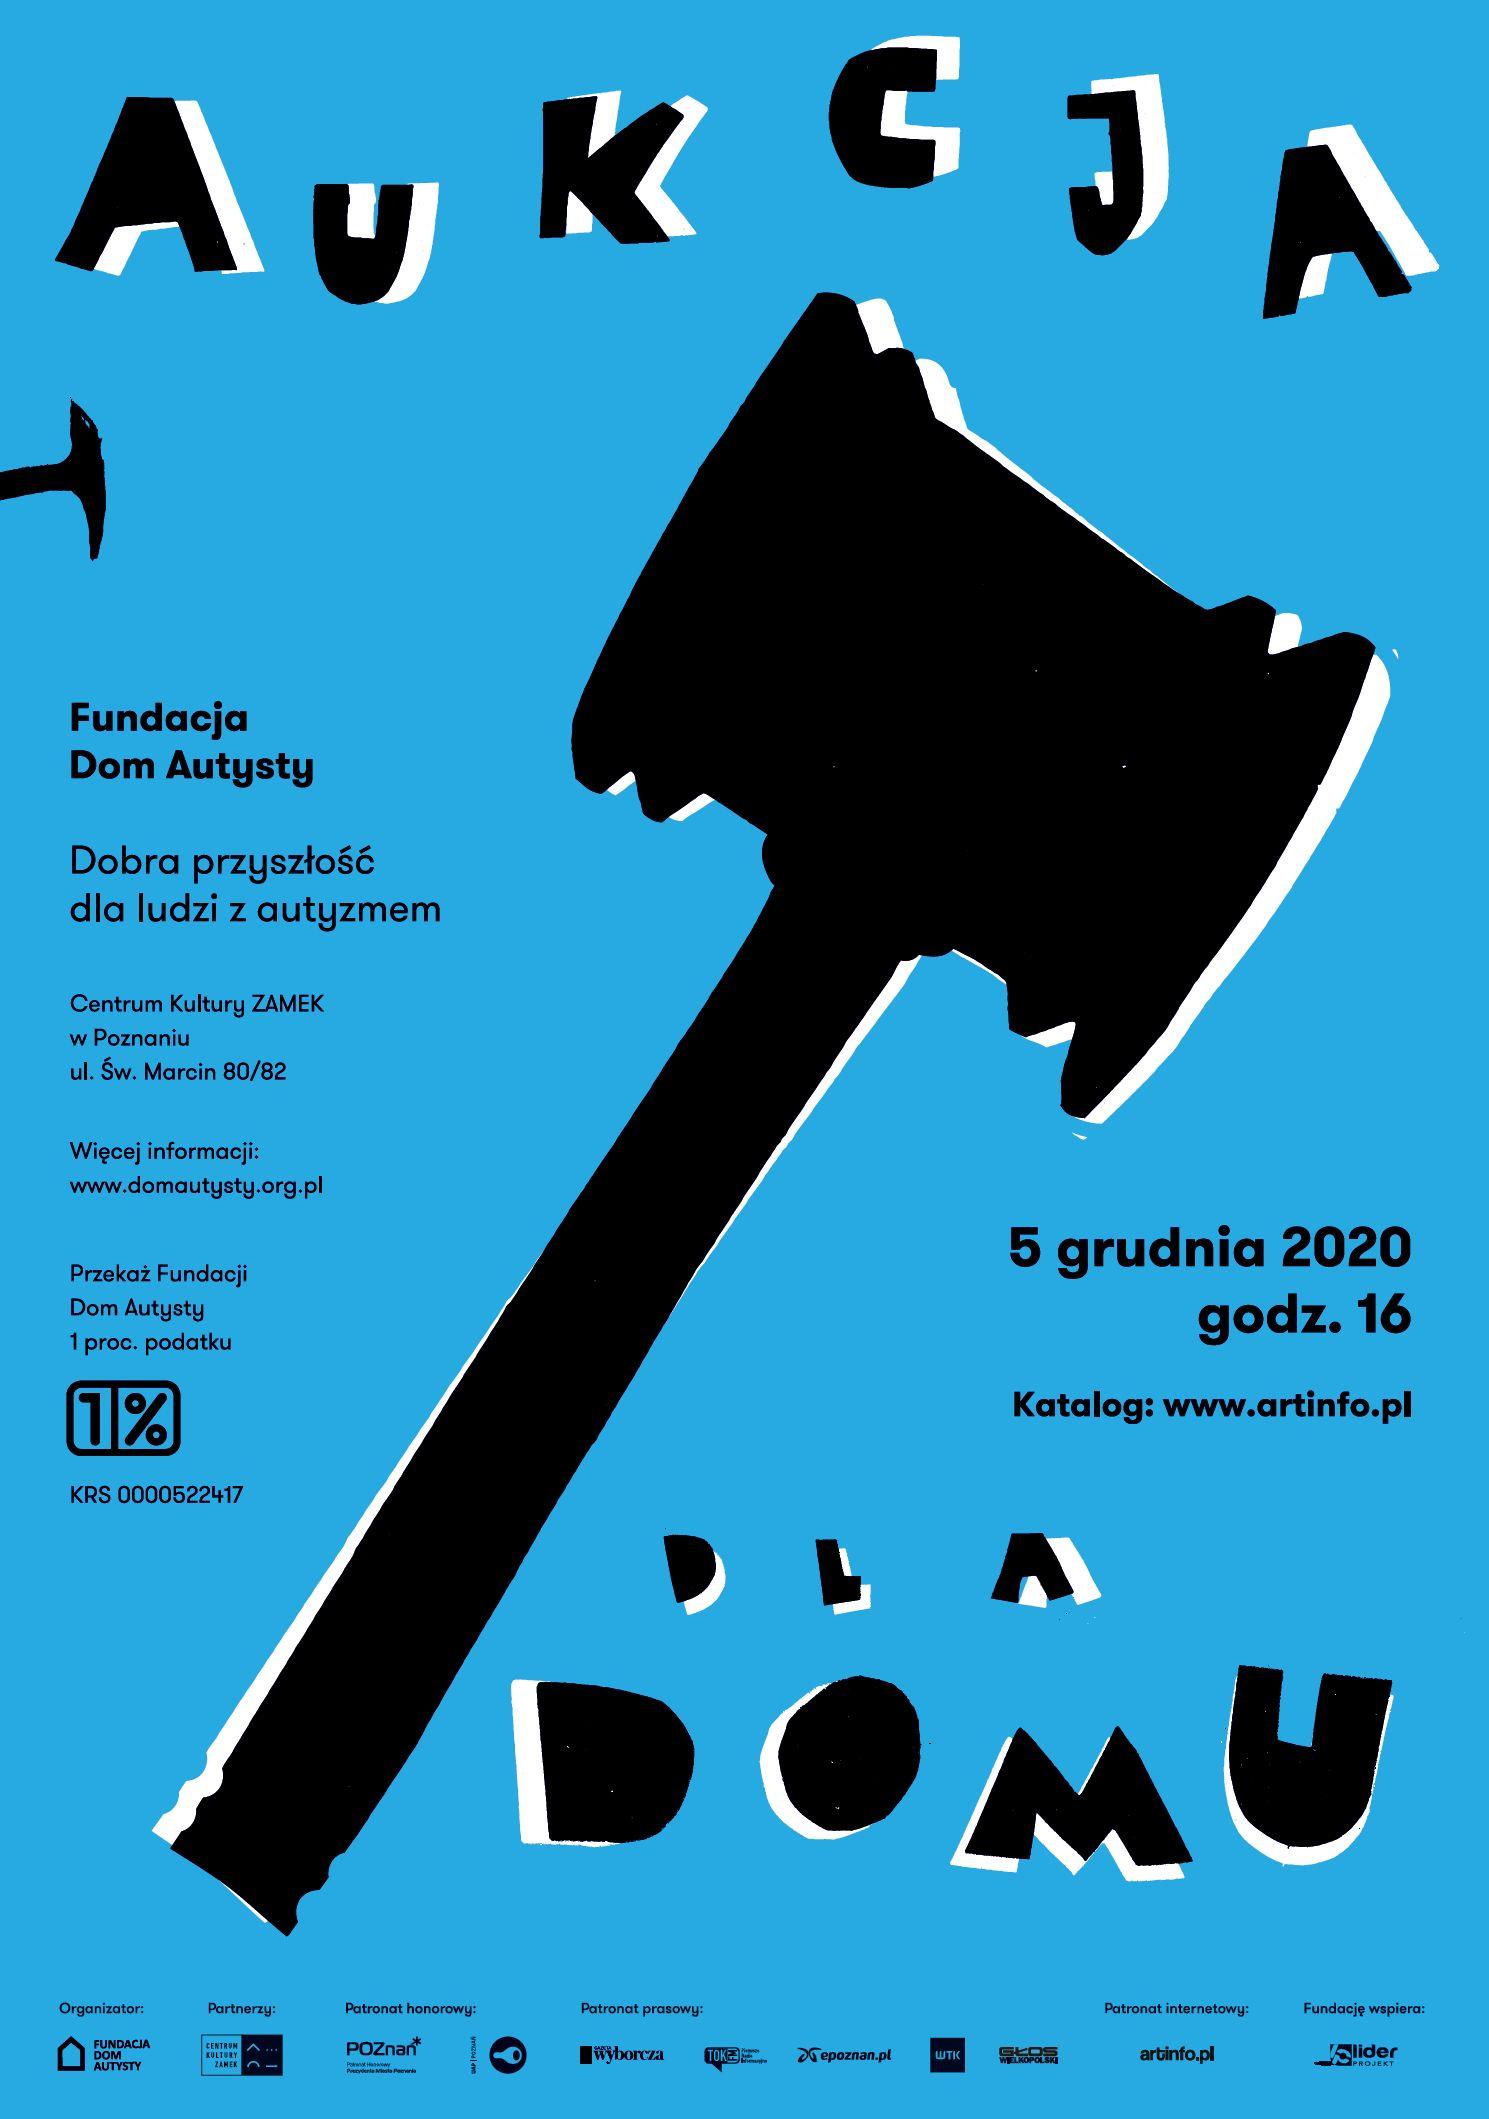 Plakat Aukcji dla Domu. Projekt: Grzegorz Myćka